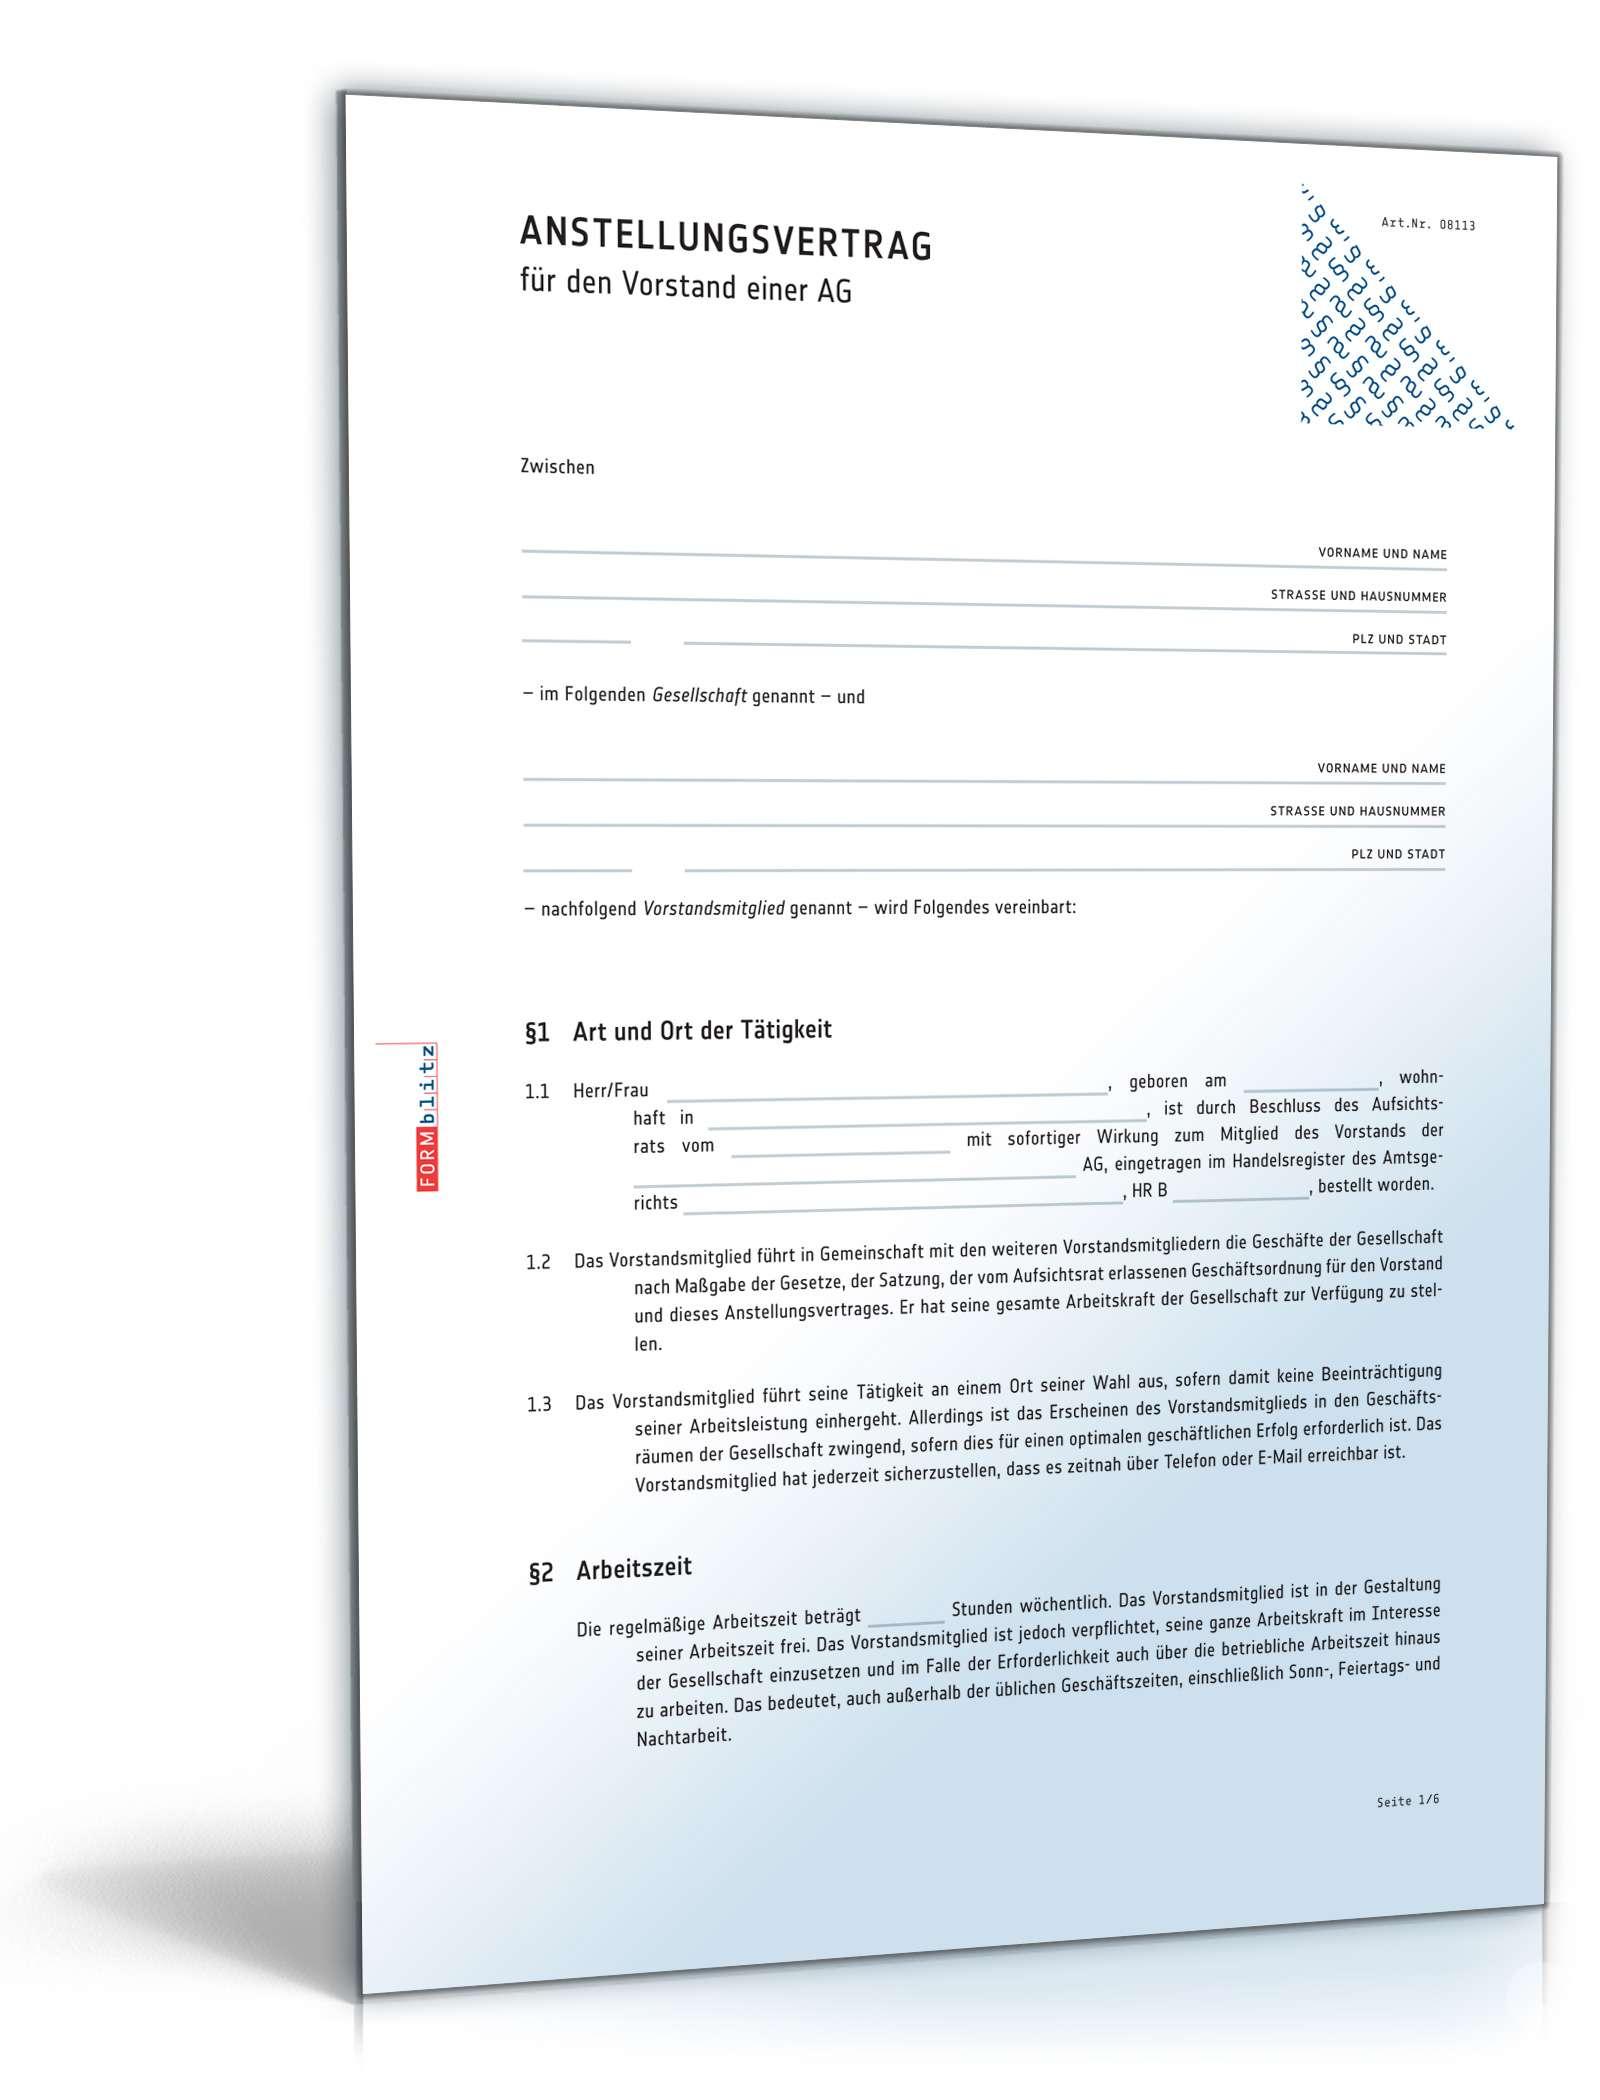 Anstellungsvertrag Vorstand Vertrag Als Muster Zum Download